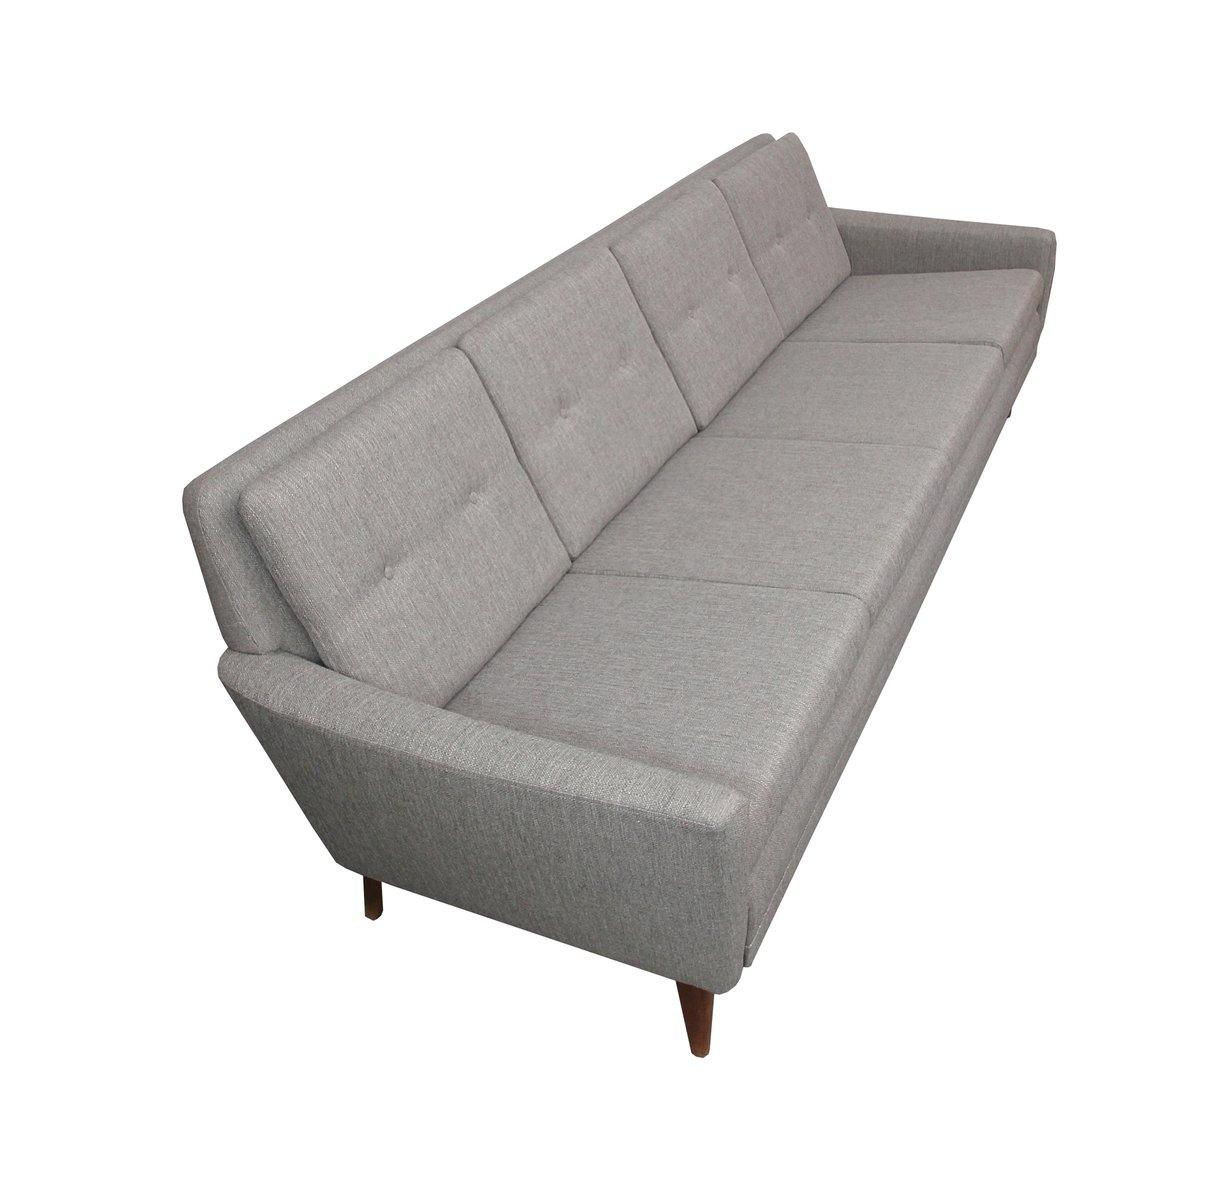 hellgraues d nisches sofa 1950er bei pamono kaufen. Black Bedroom Furniture Sets. Home Design Ideas